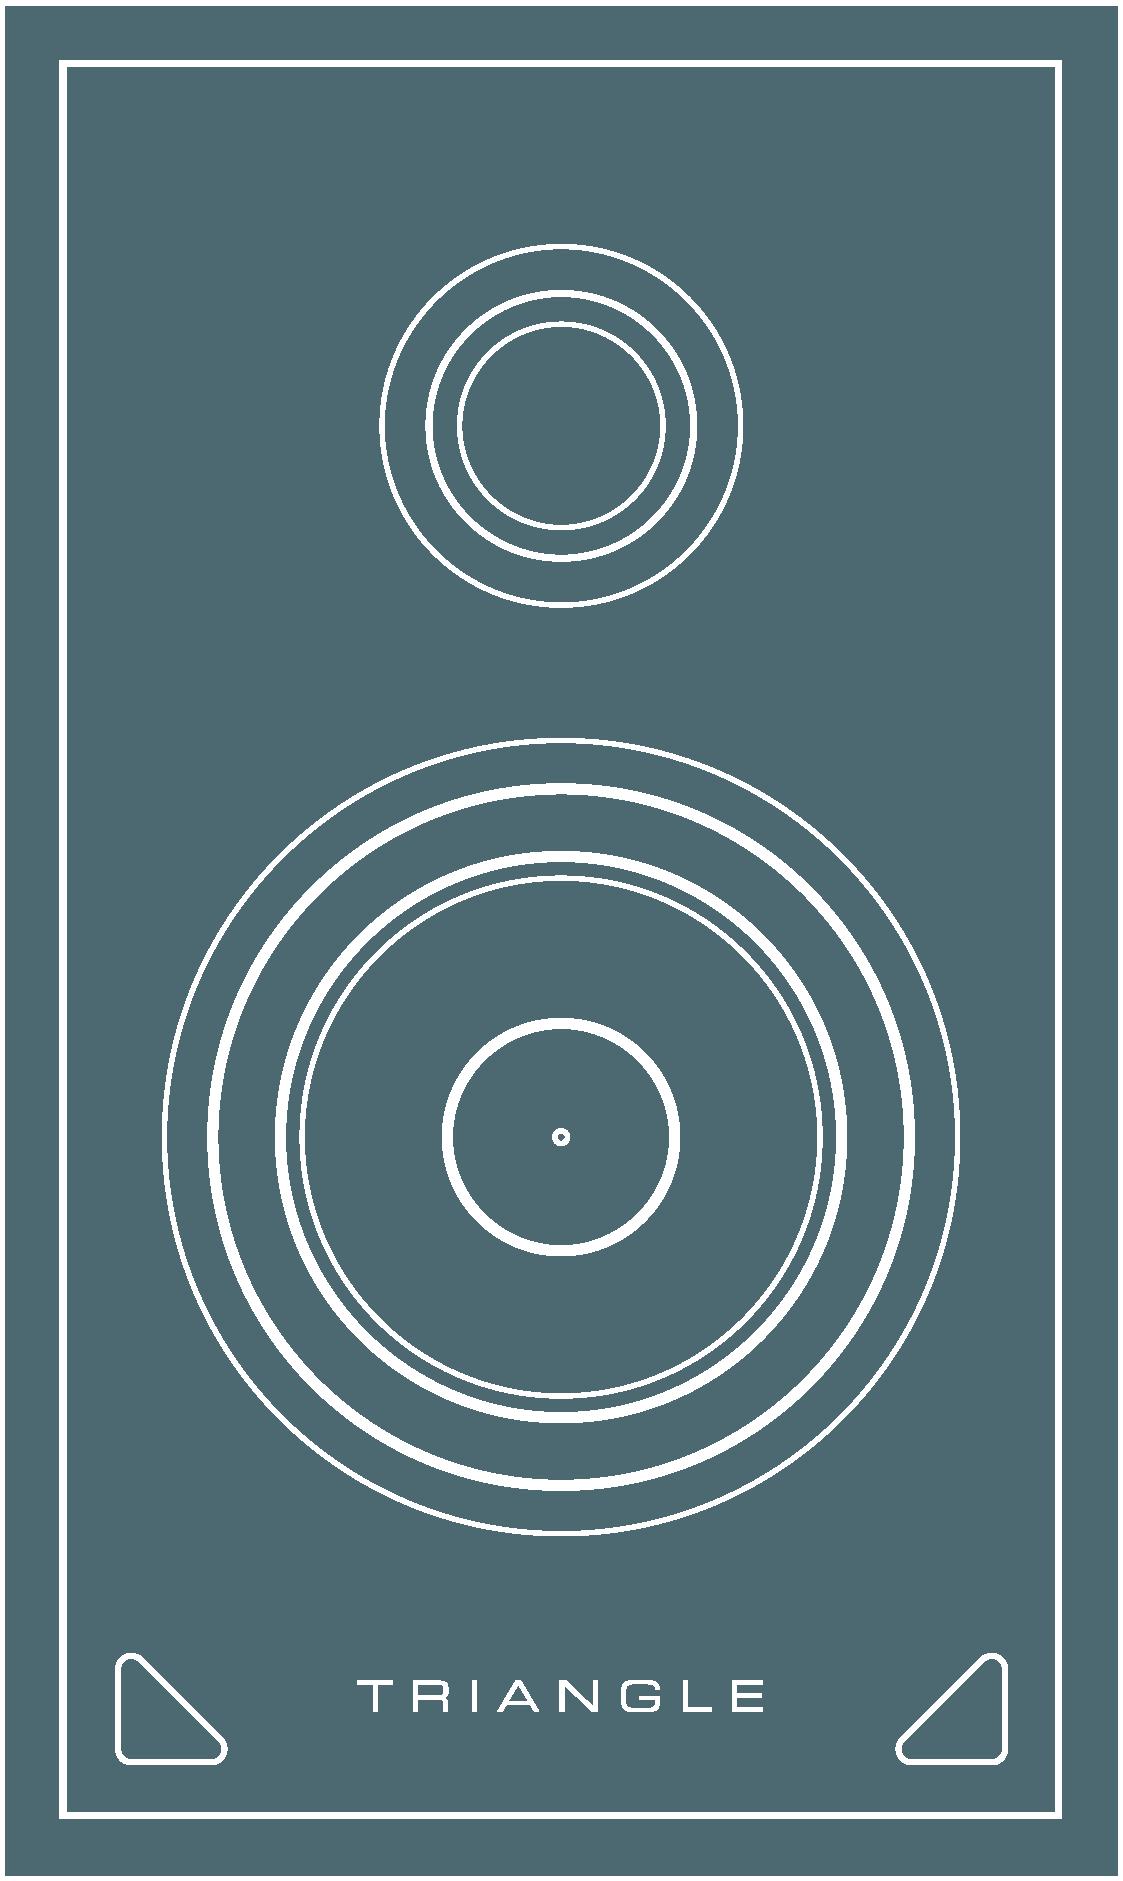 enceinte hifi bibliotheque triangle sensa vector